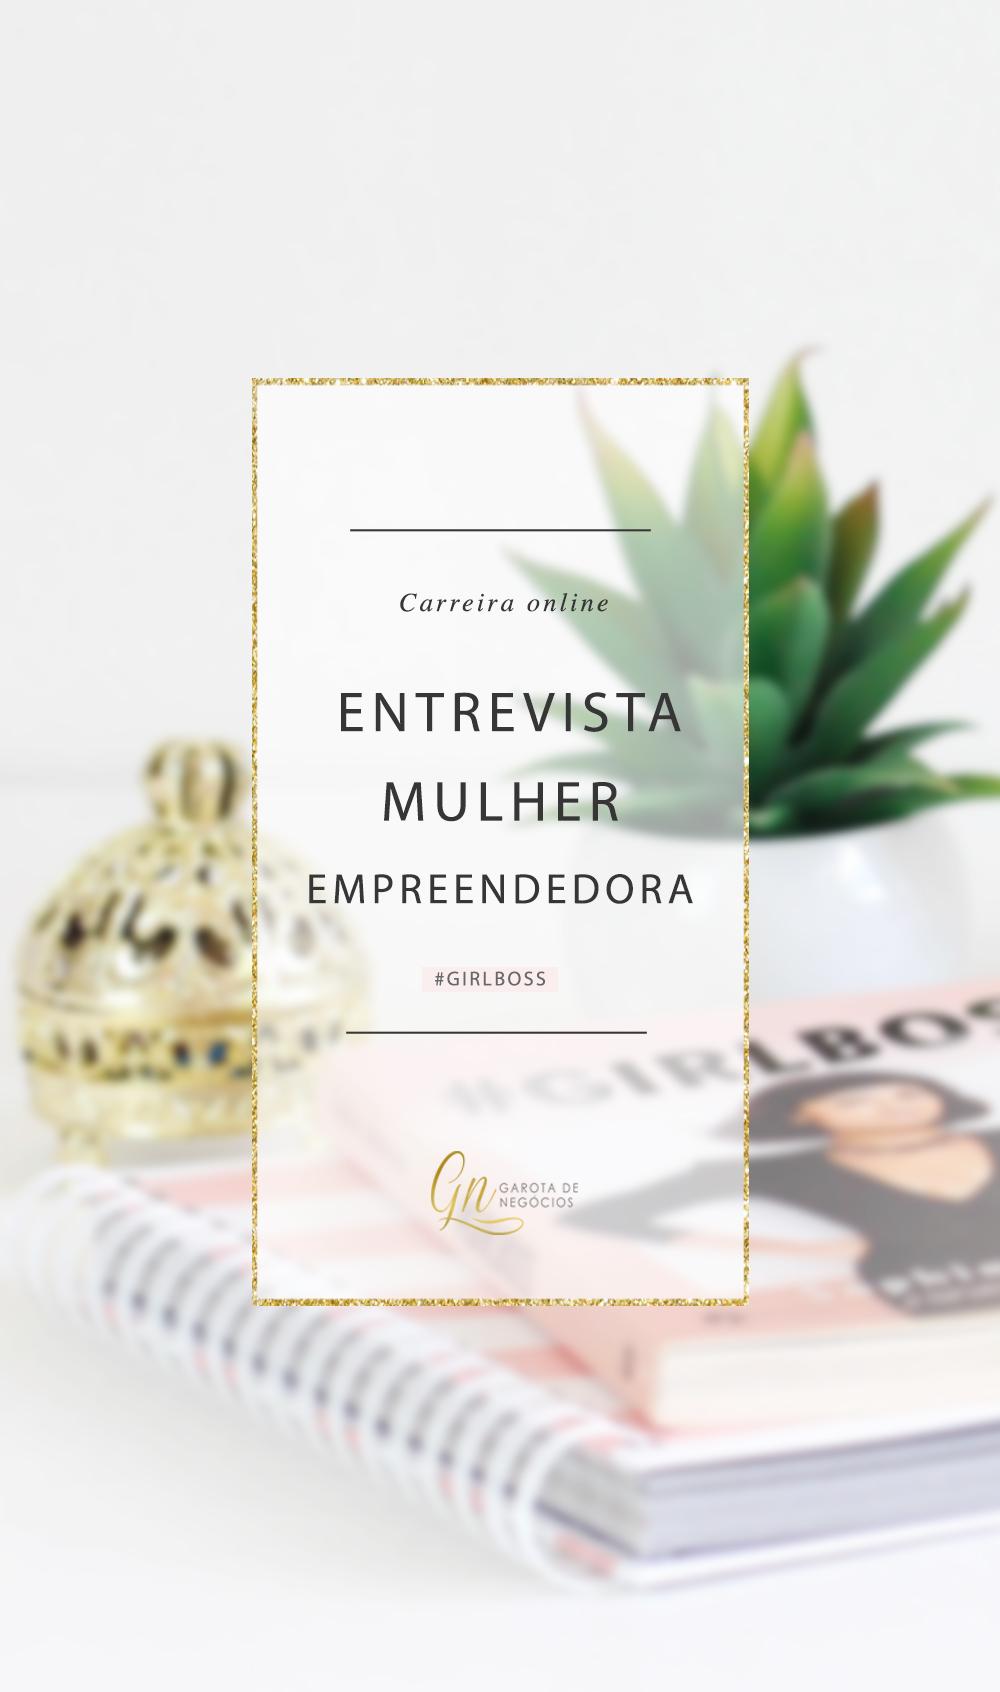 entrevista-mayte-carvalho-girlboss-garotadenegocios0